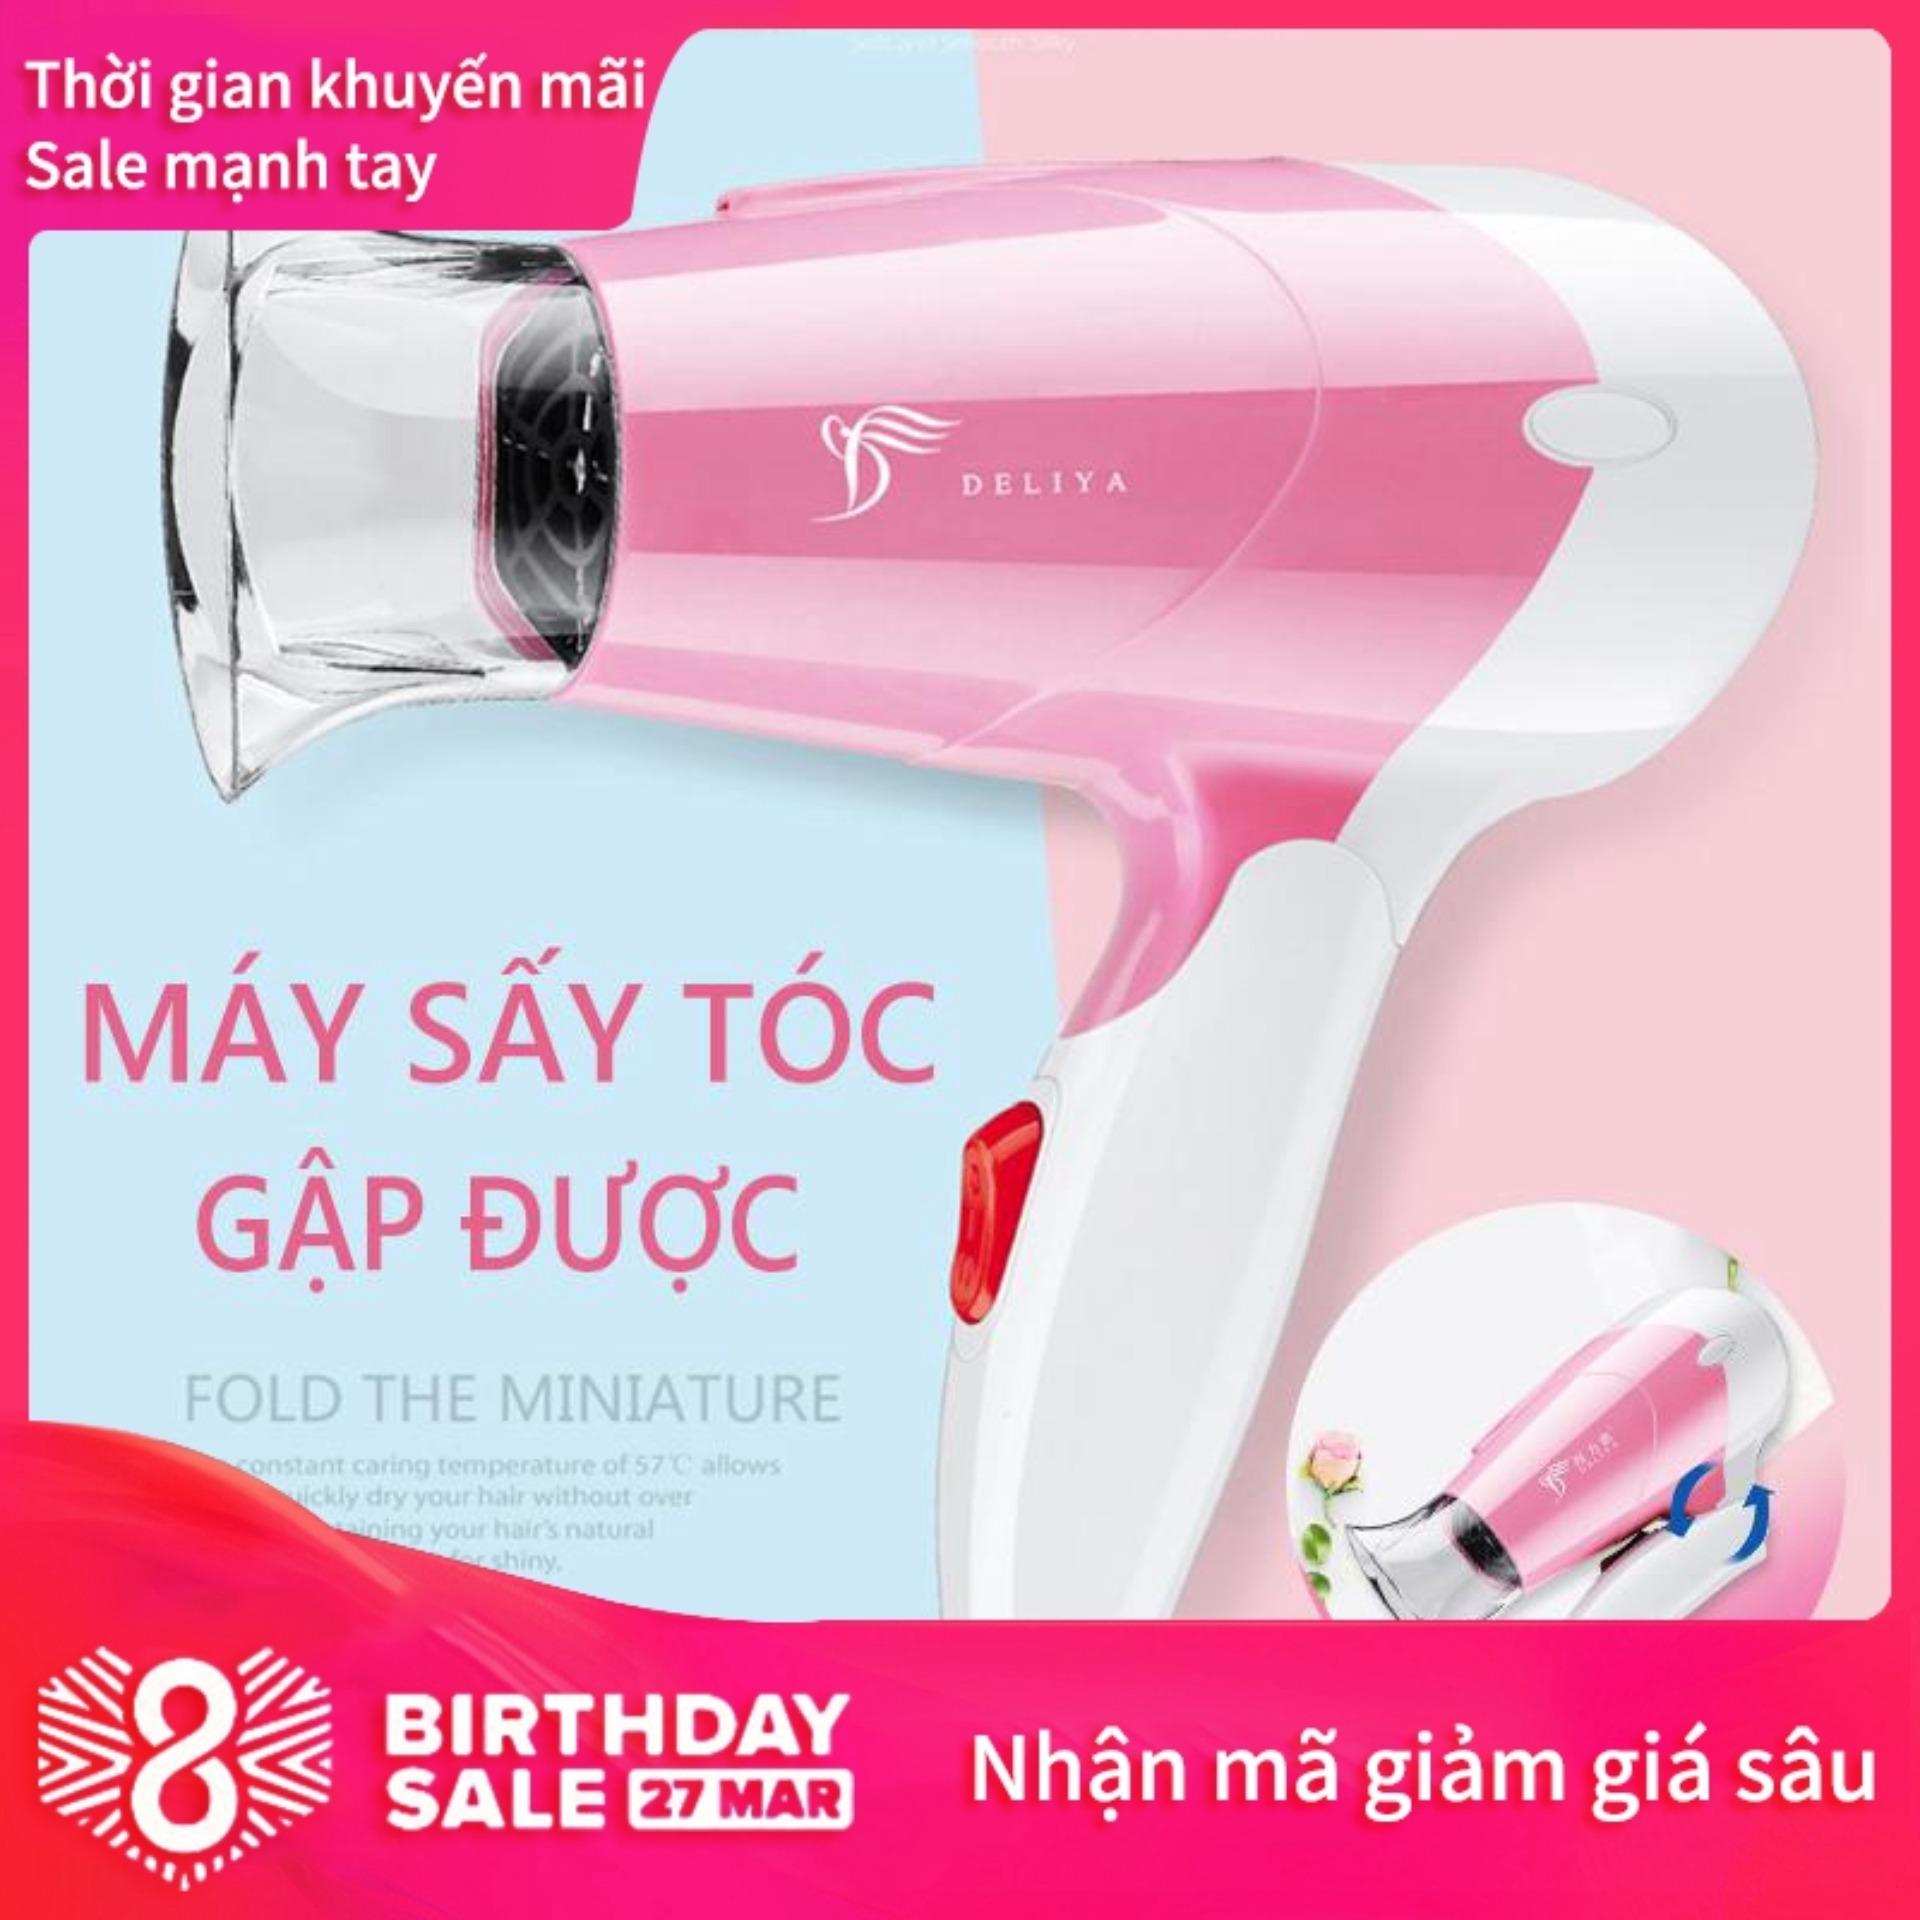 Máy sấy tóc DELIYA công suất 1250W, màu hồng phấn, có thể gập được cao cấp